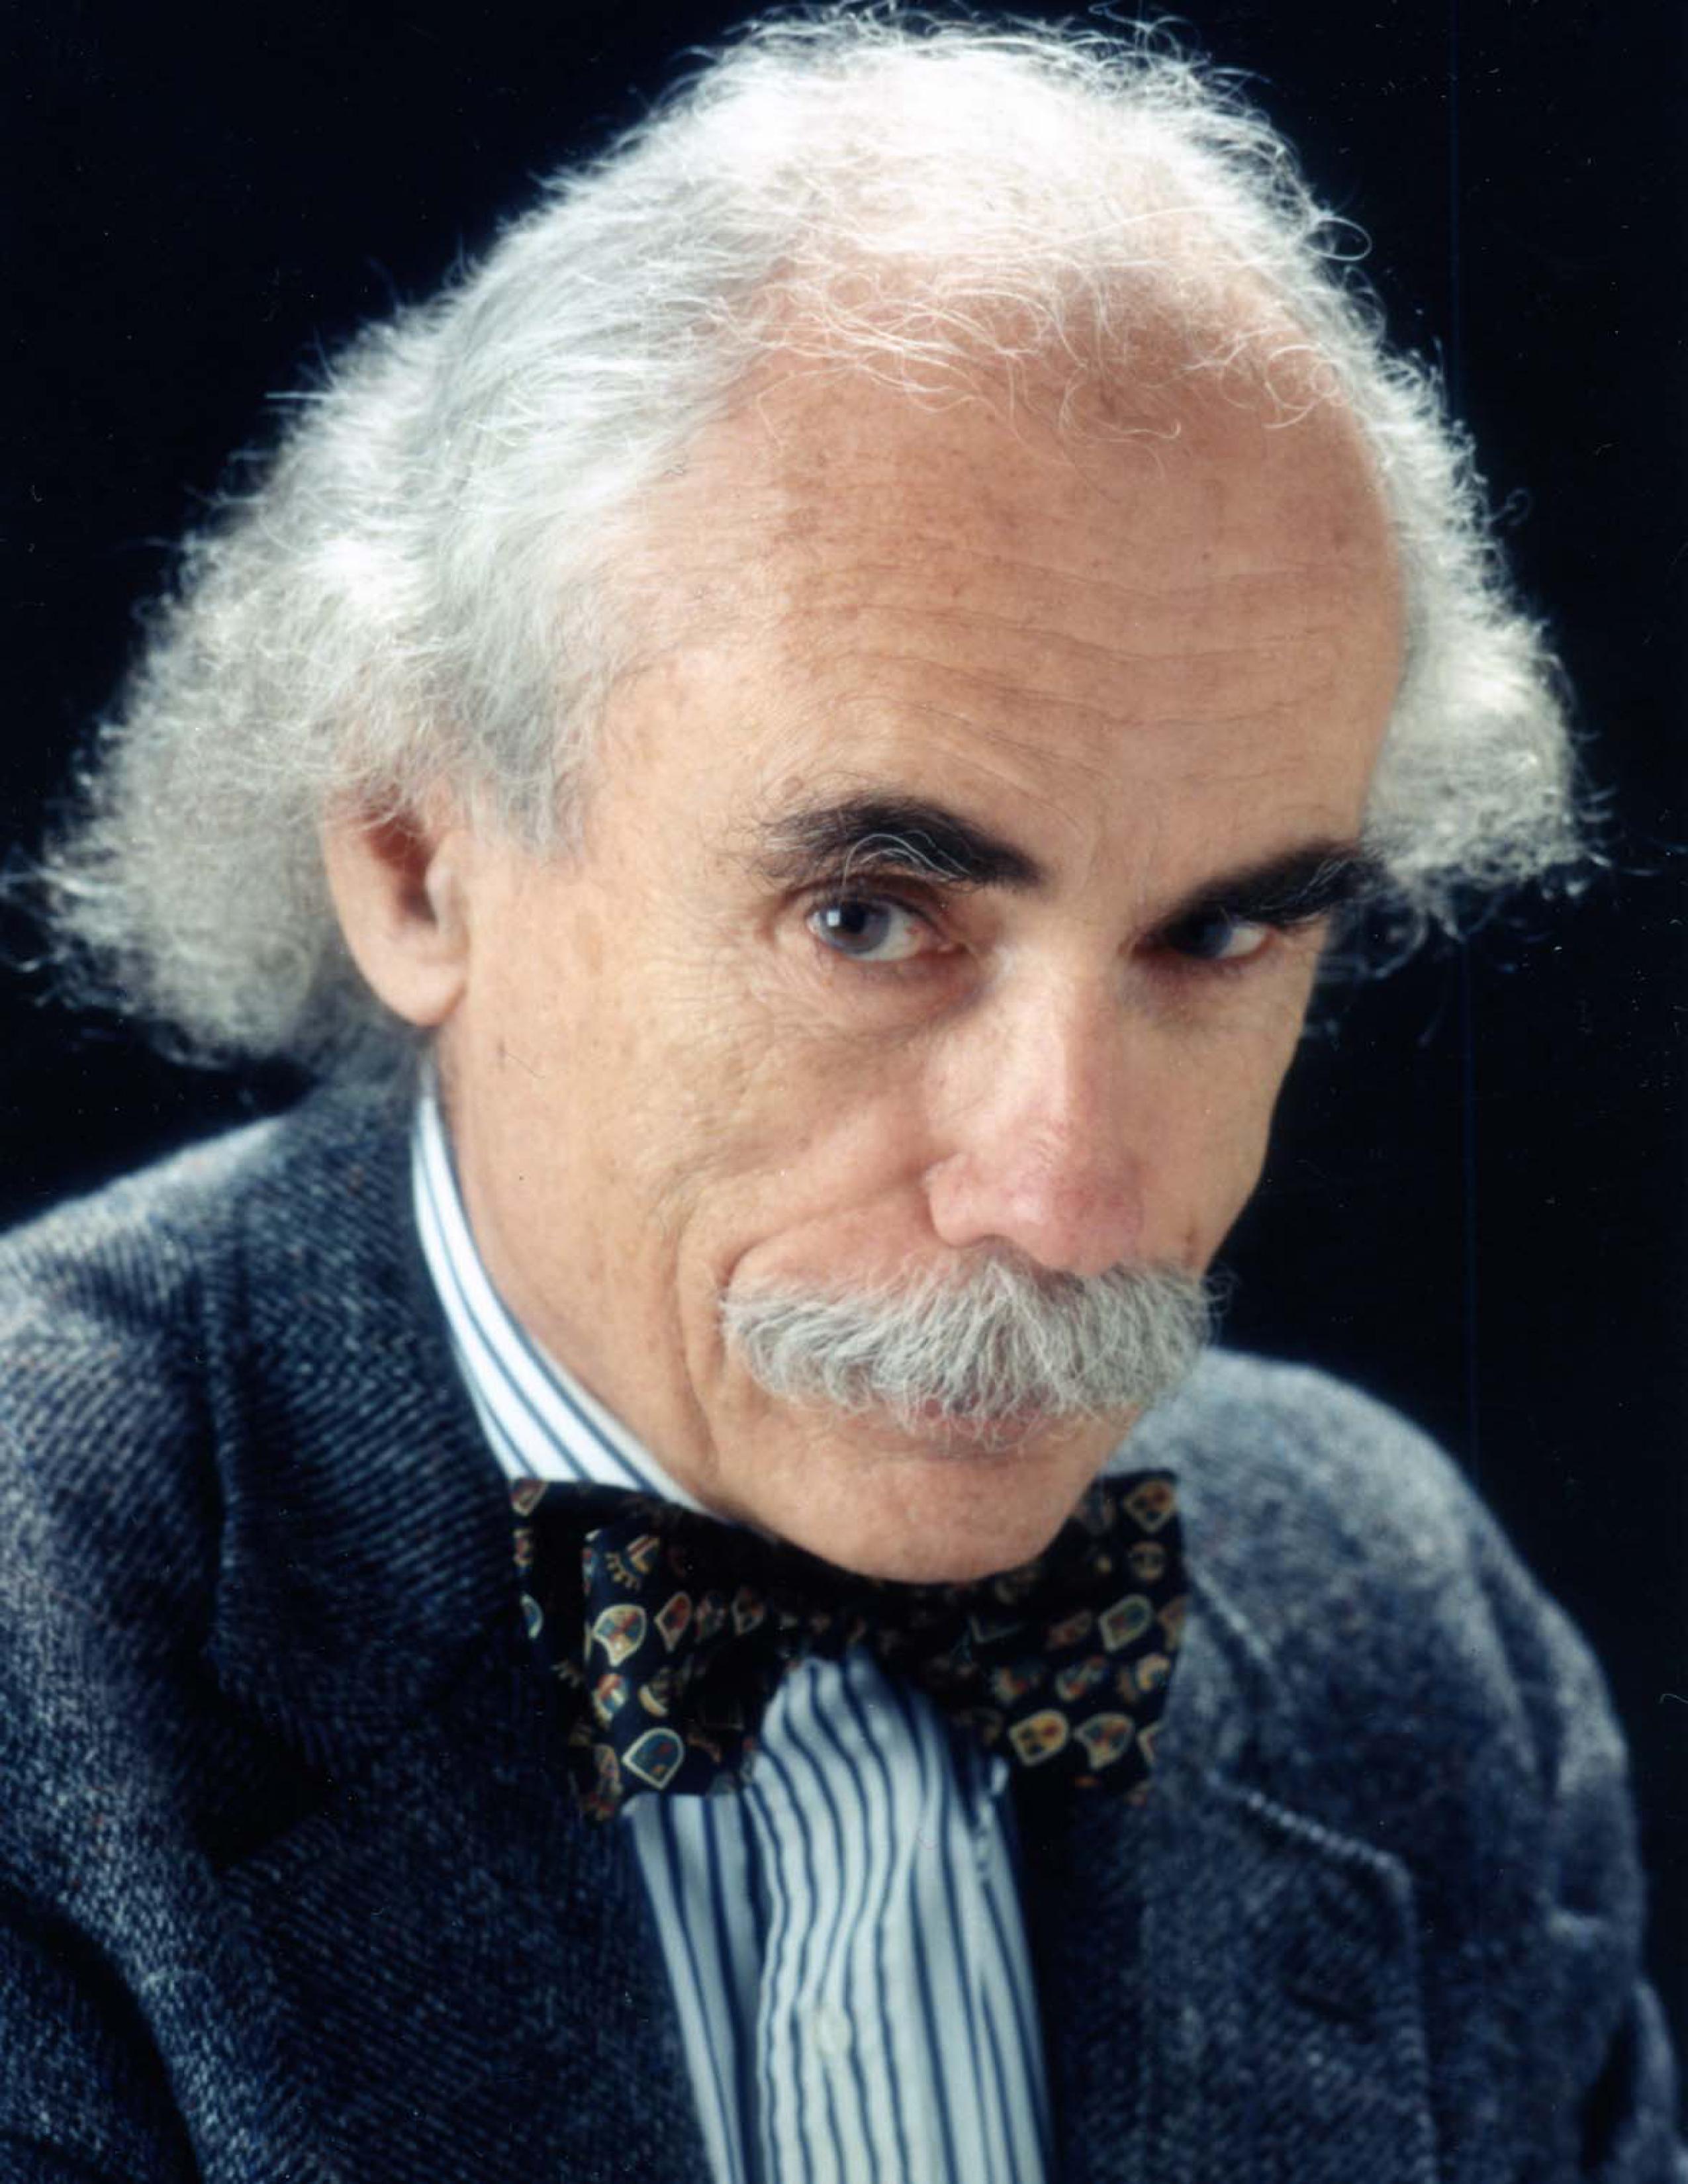 Lawrence D. Longo, M.D., D.h.c. (Hon), FACOG, FRCOG